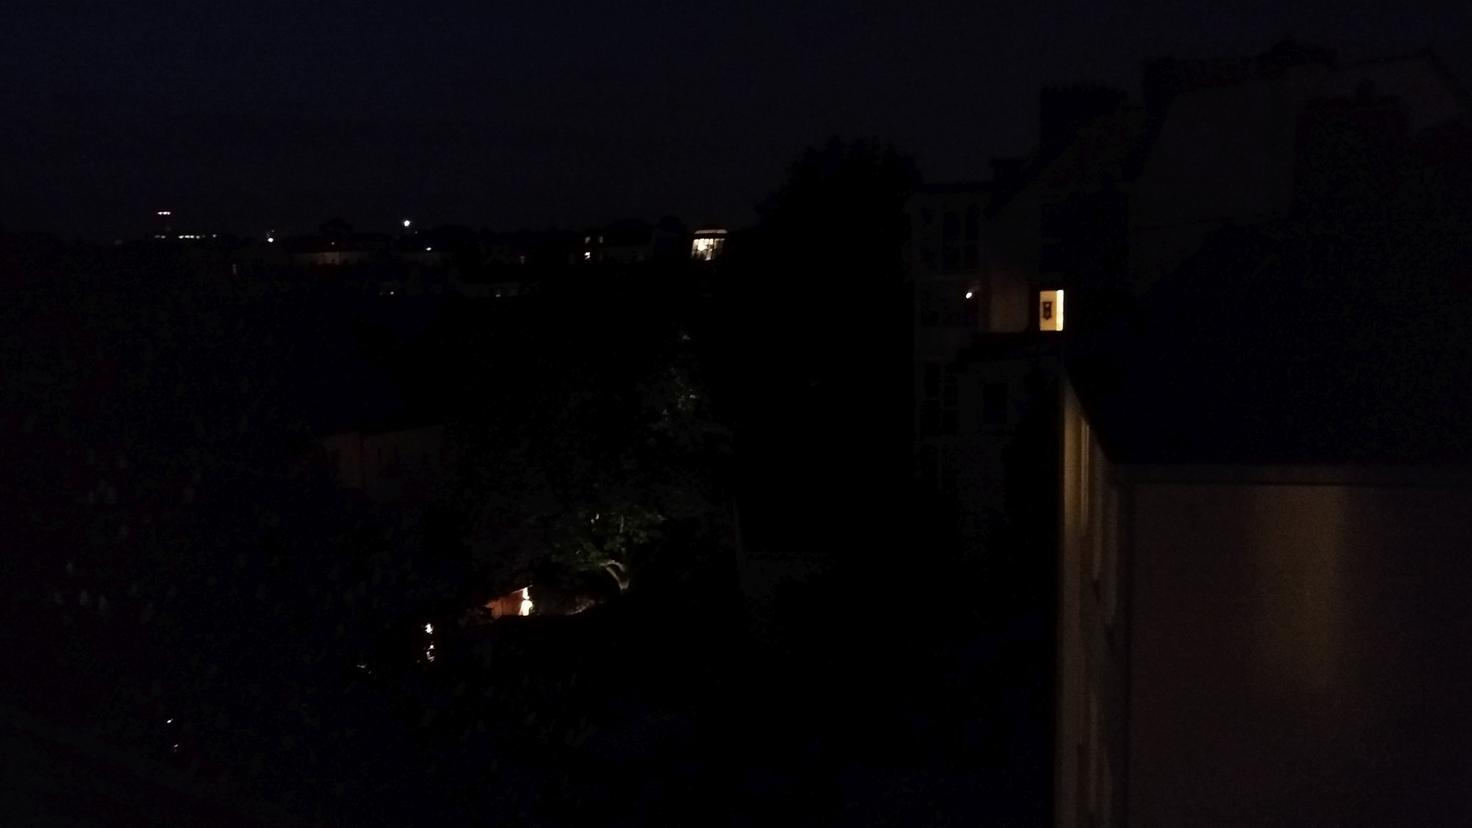 Nachtaufnahmen sind detailarm und verrauscht.